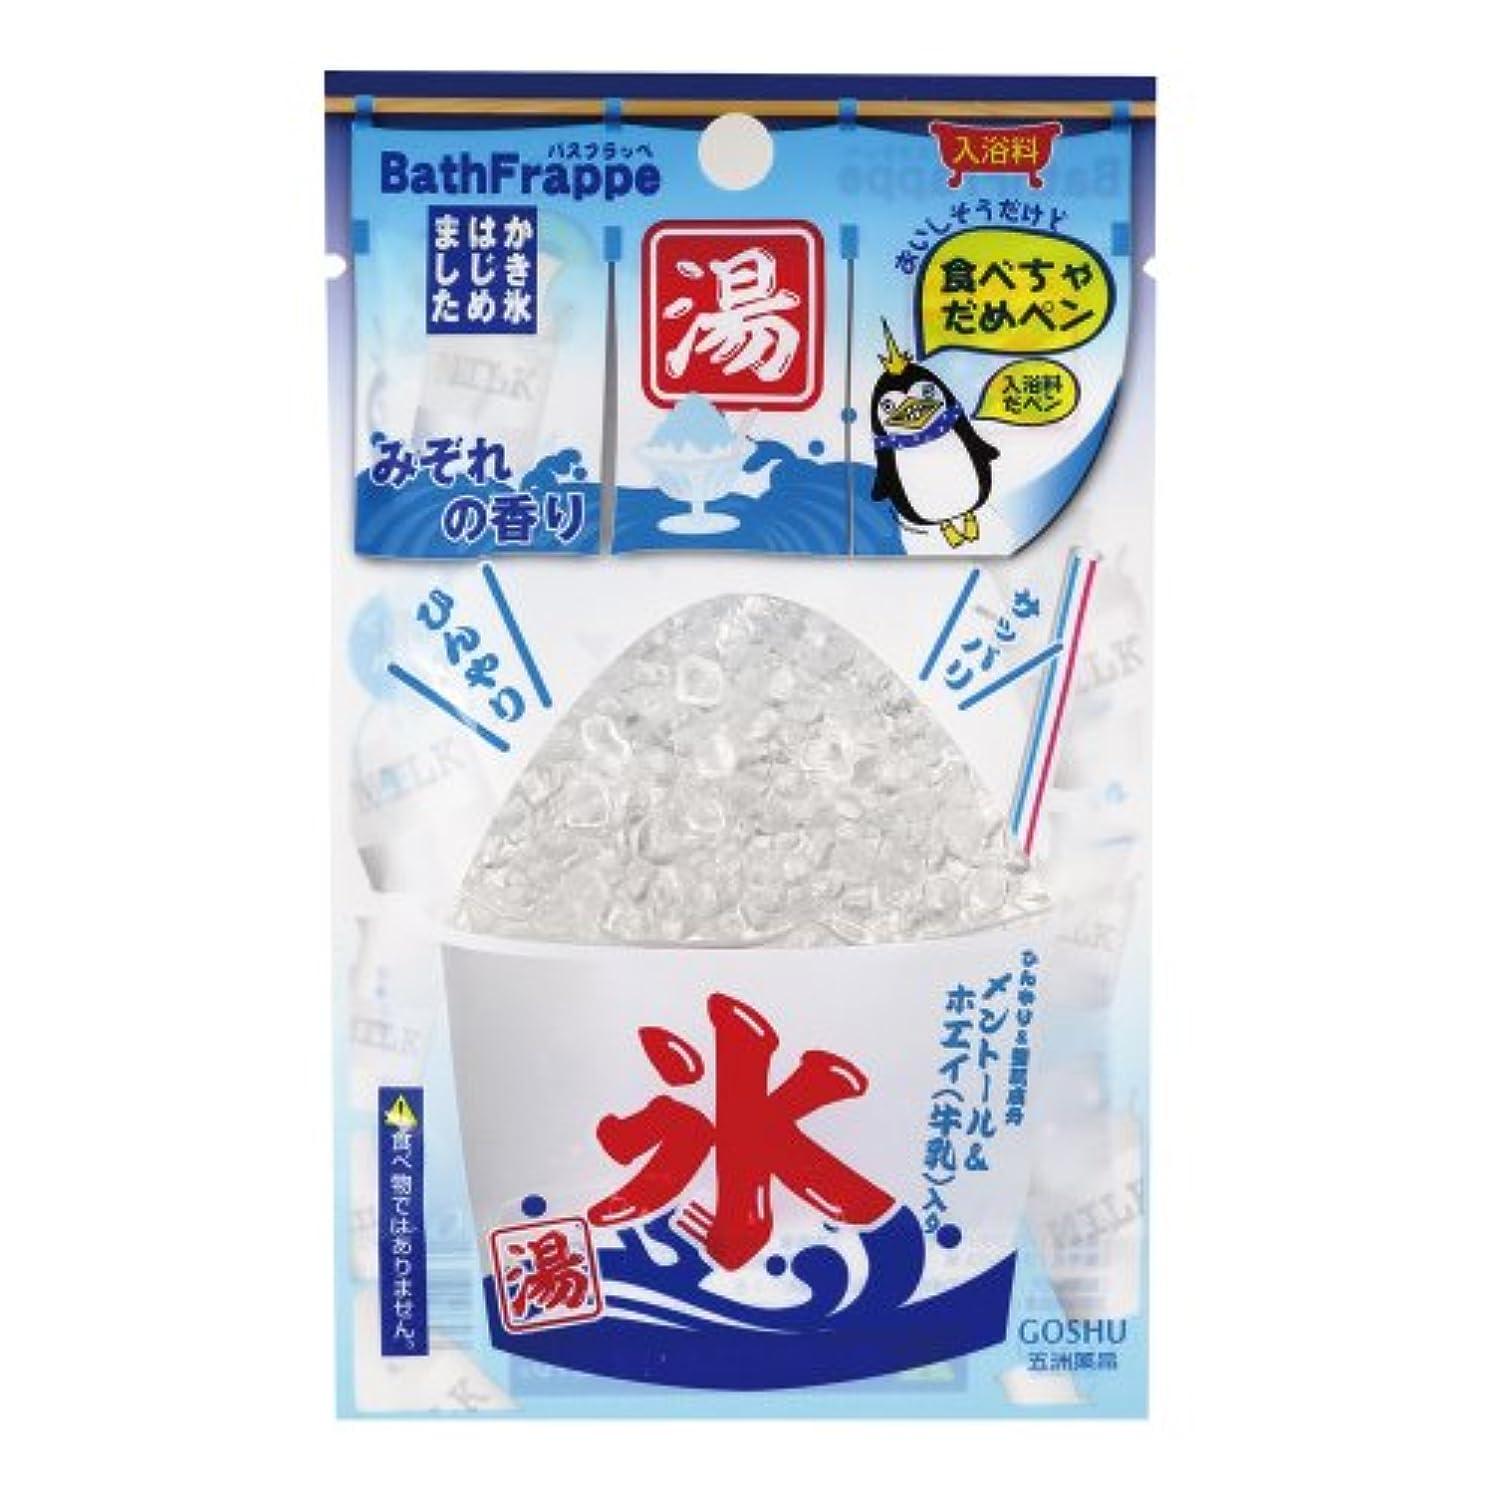 宮殿カプセル盲目五洲薬品 かき氷風入浴剤 バスフラッペ みぞれの香り 1箱(10包入)